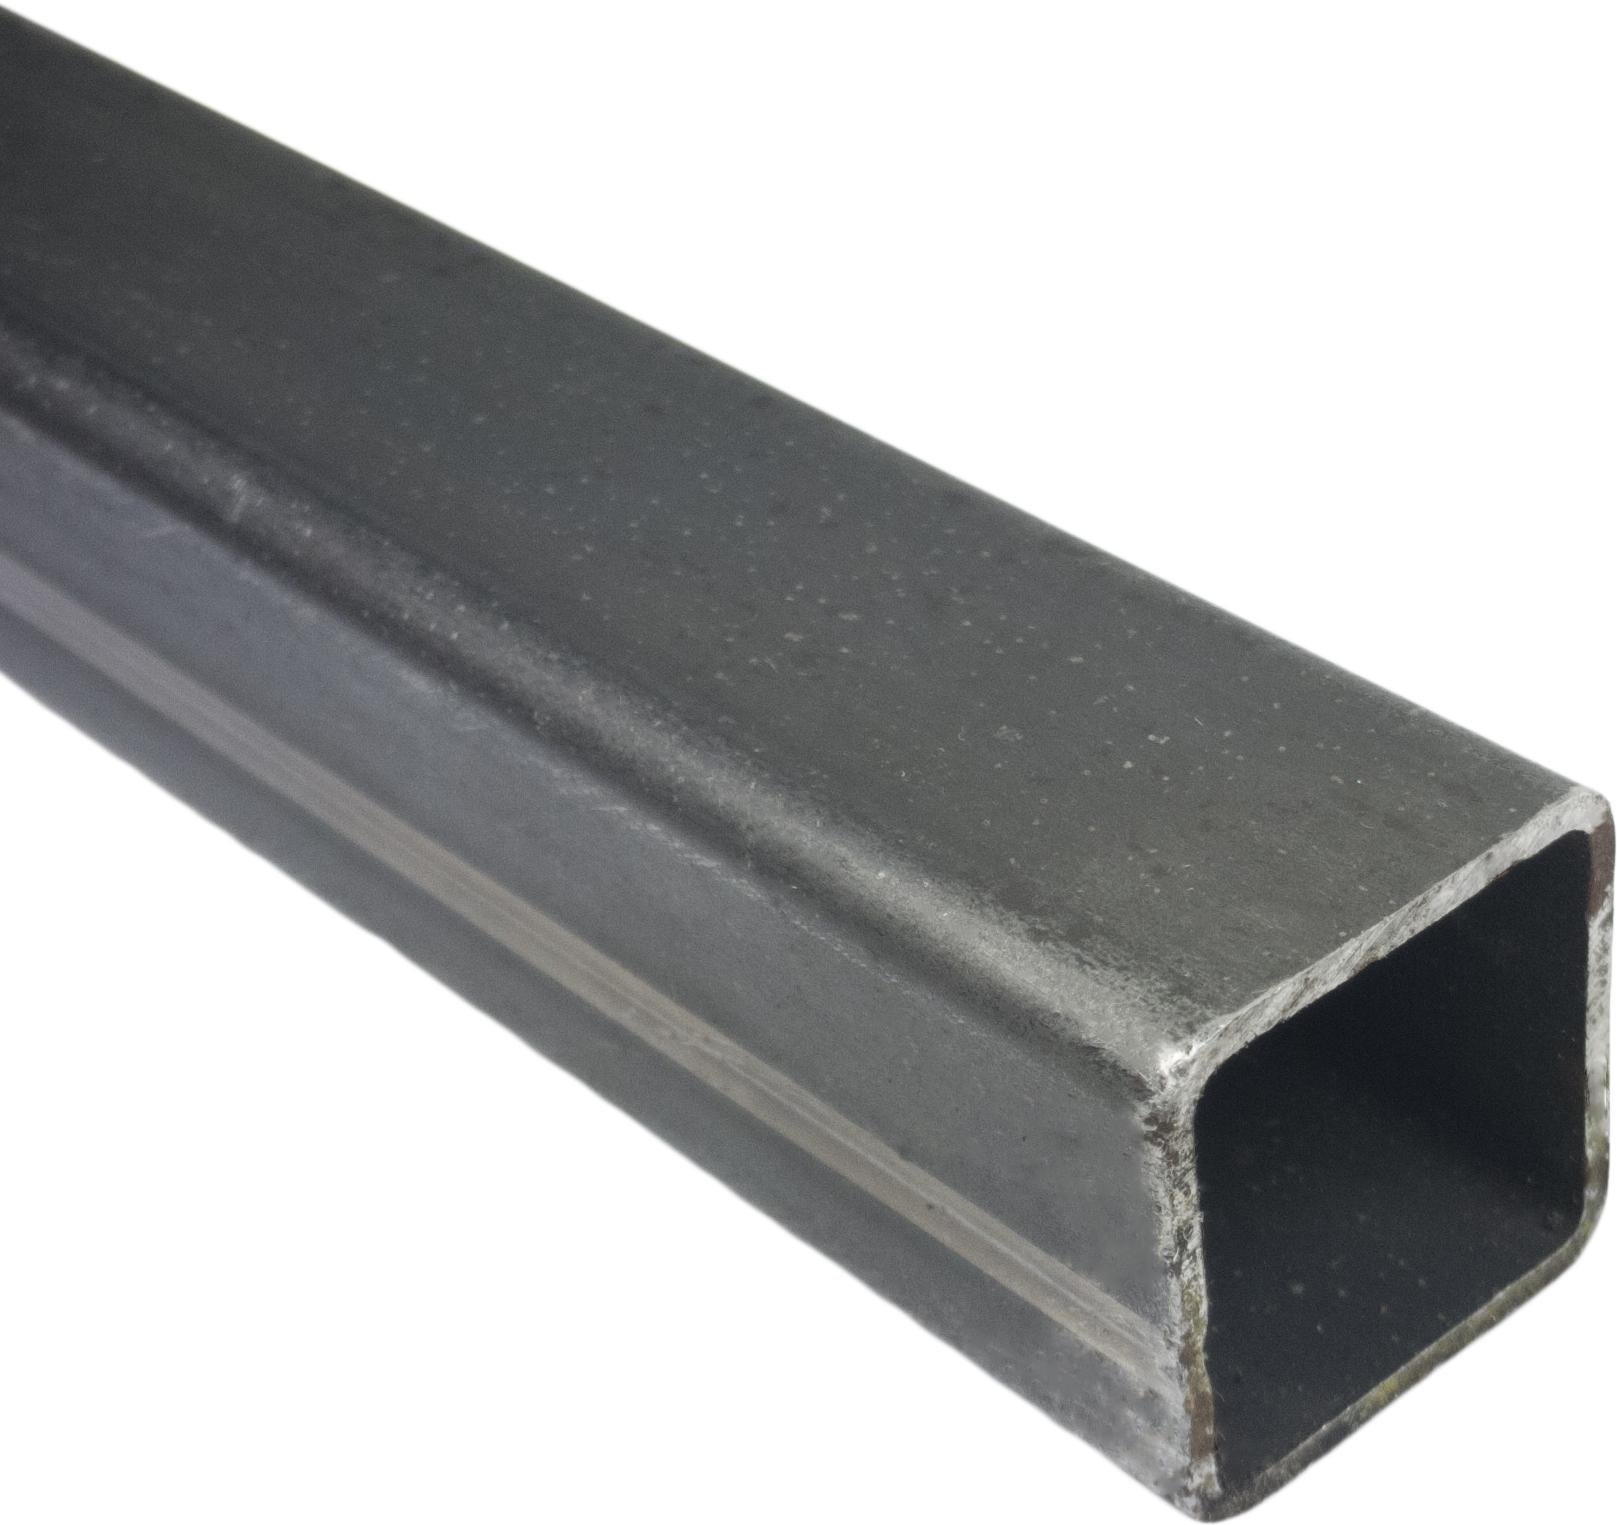 Профиль Стальной Закрыт 10x10x1 Длина 1000мм